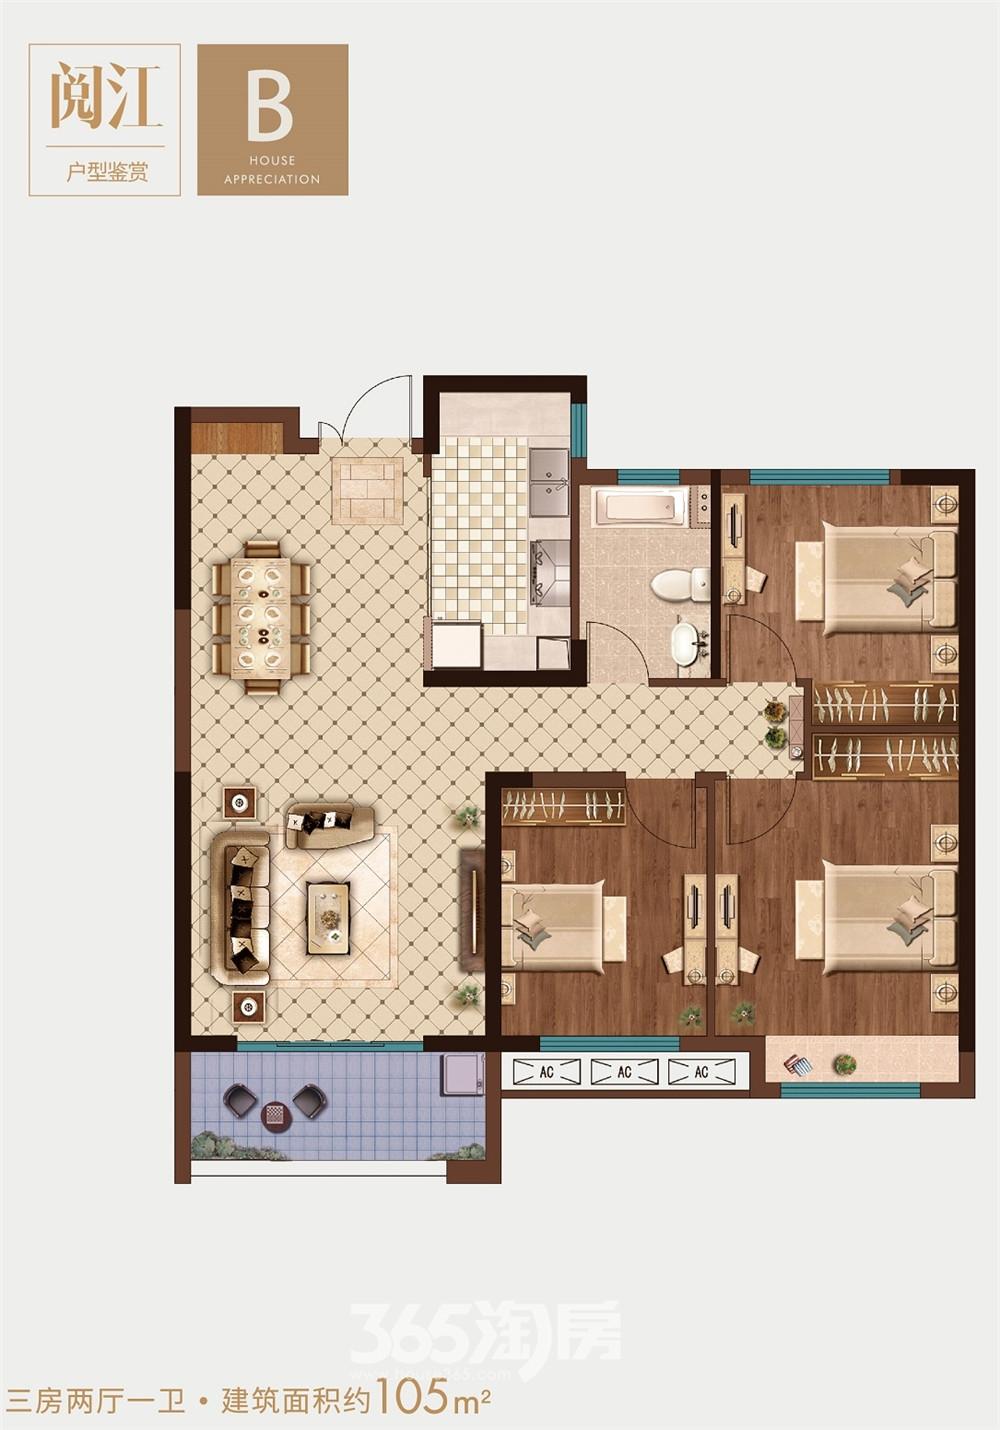 信达玥珑湾B户型阅江三室两厅一卫105平